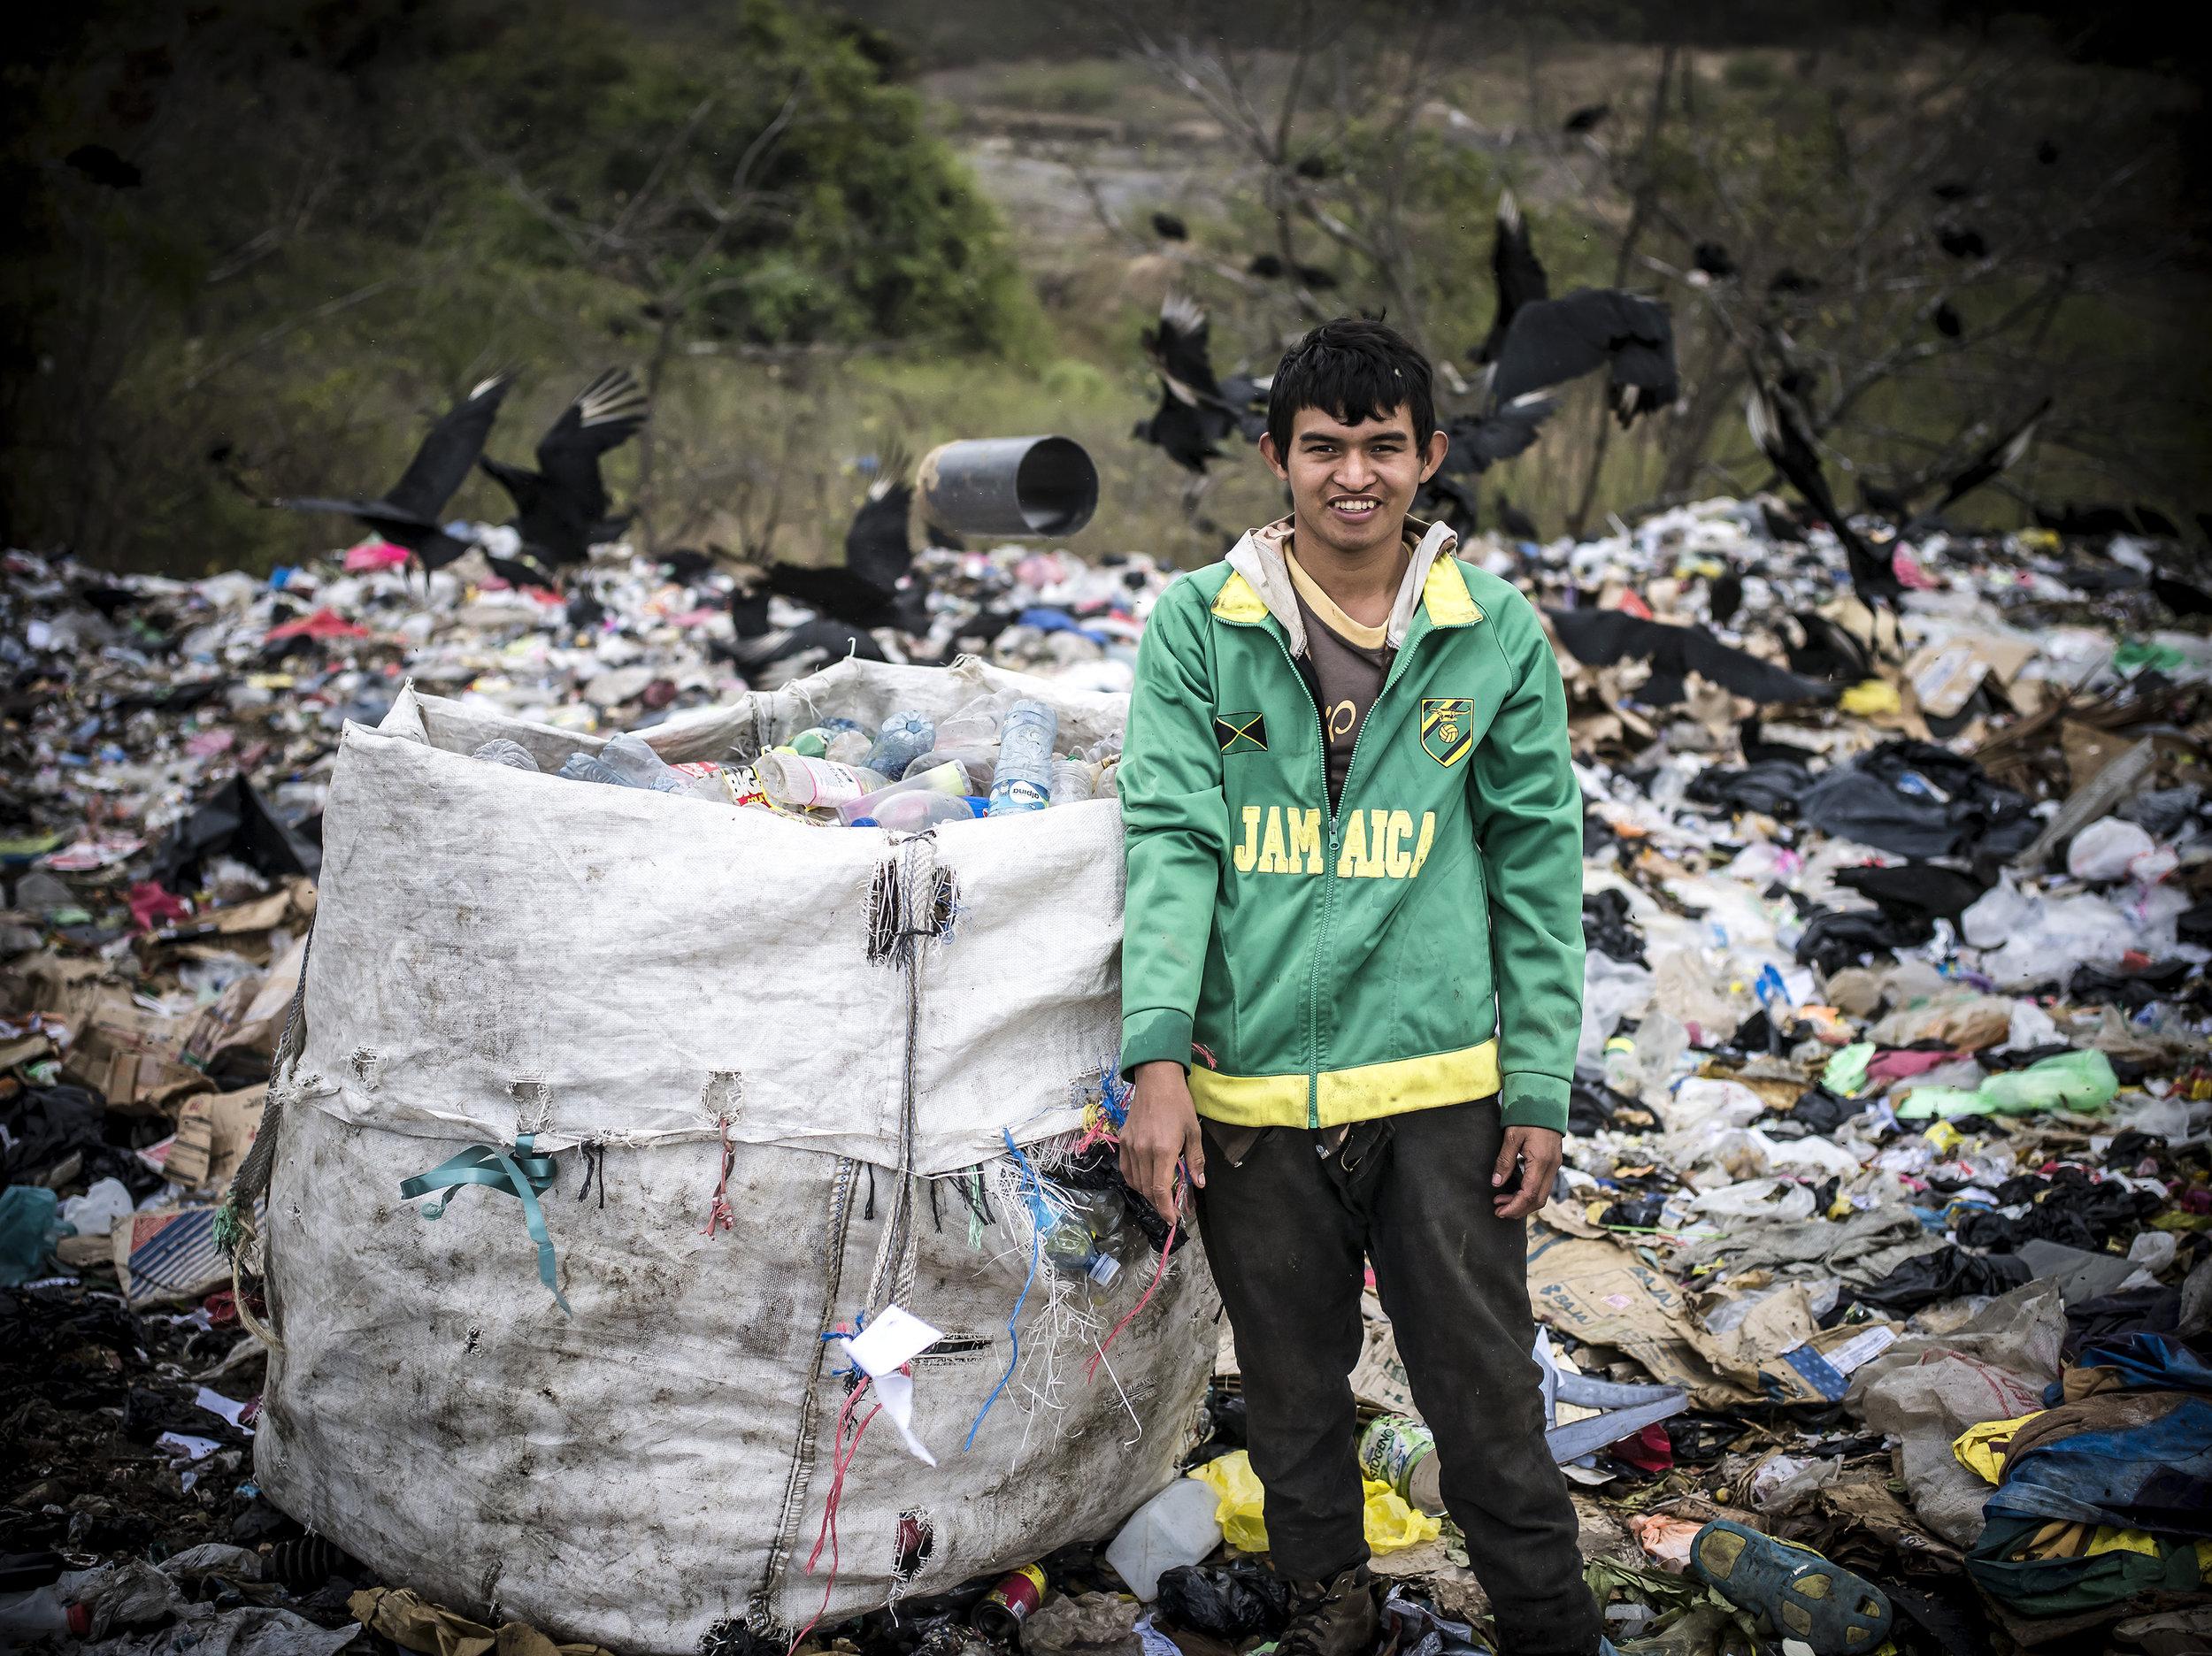 Juajuali Arriba, Matagalpa